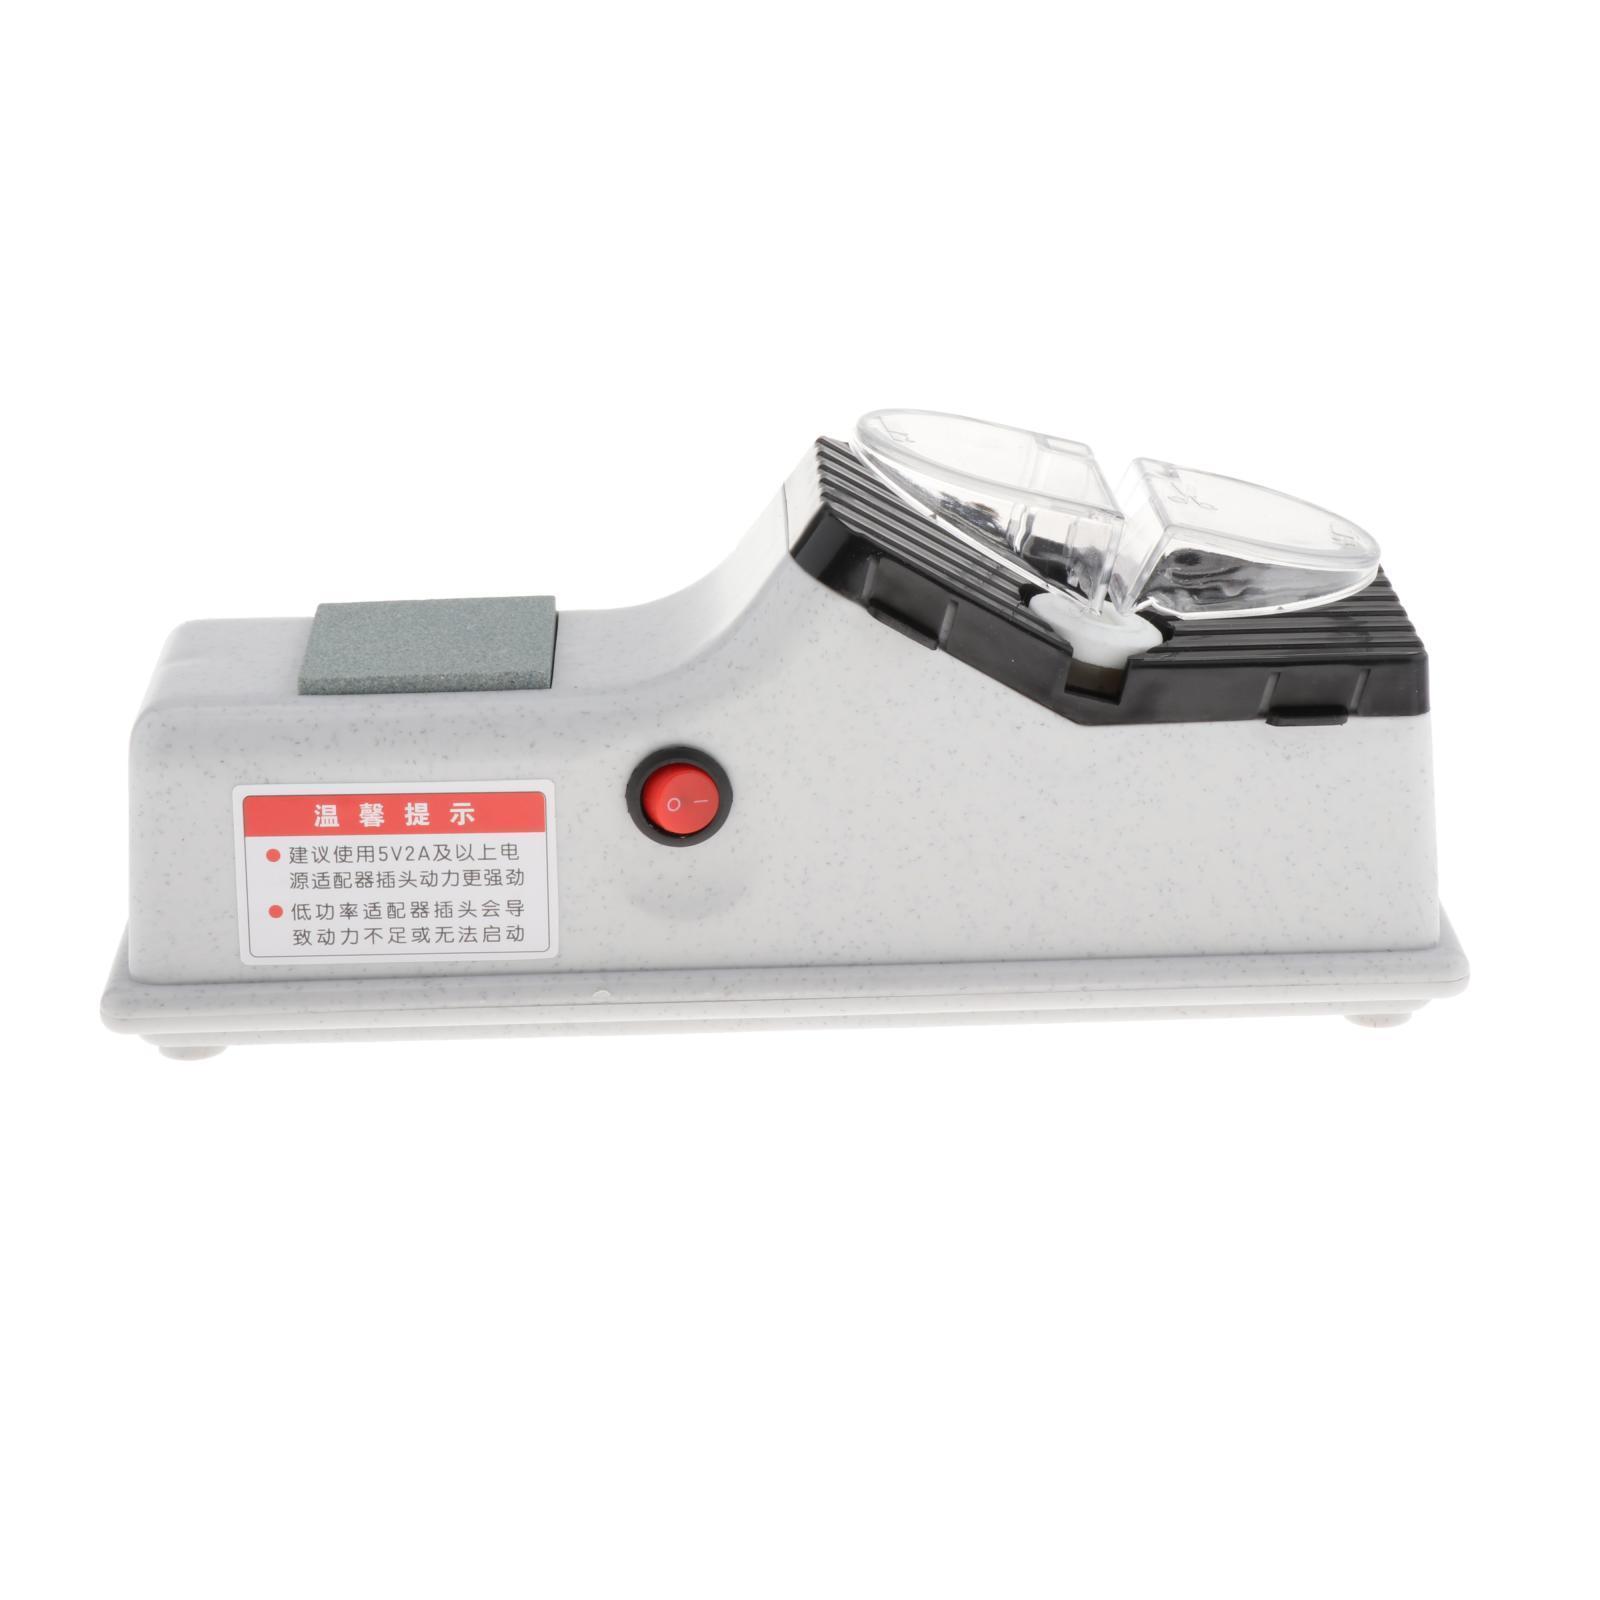 miniatura 6 - Professionale Elettrico Coltello Scissor Sharpener Smerigliatrice Lame